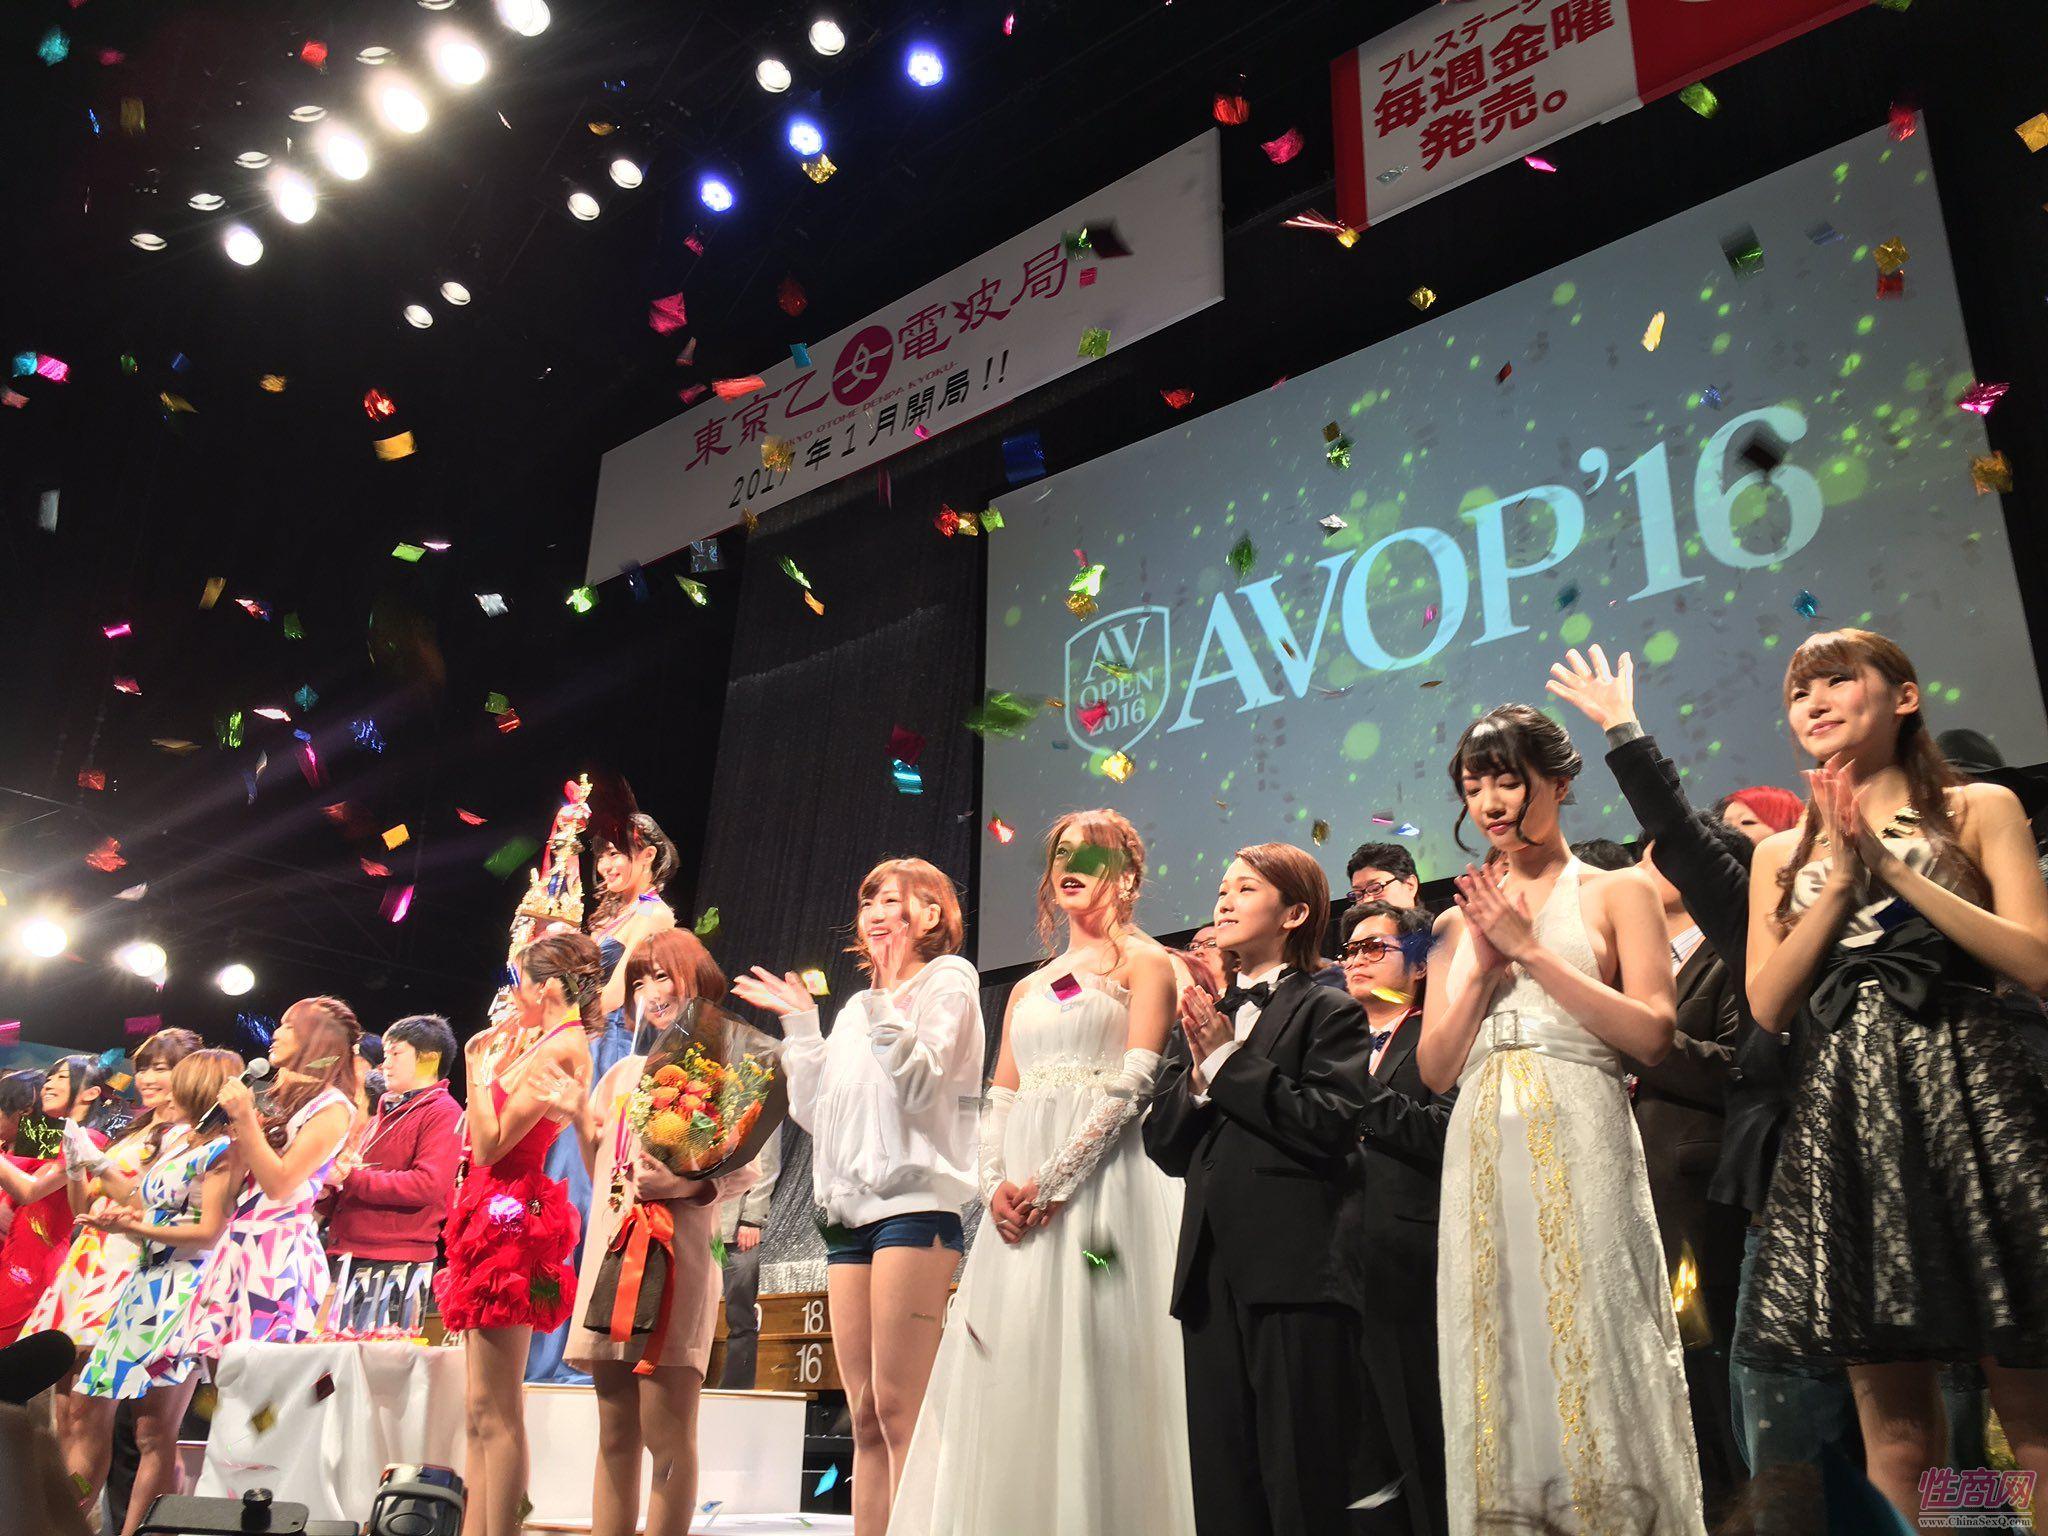 2016日本成人展JapanAdultExpo颁奖典礼2图片1